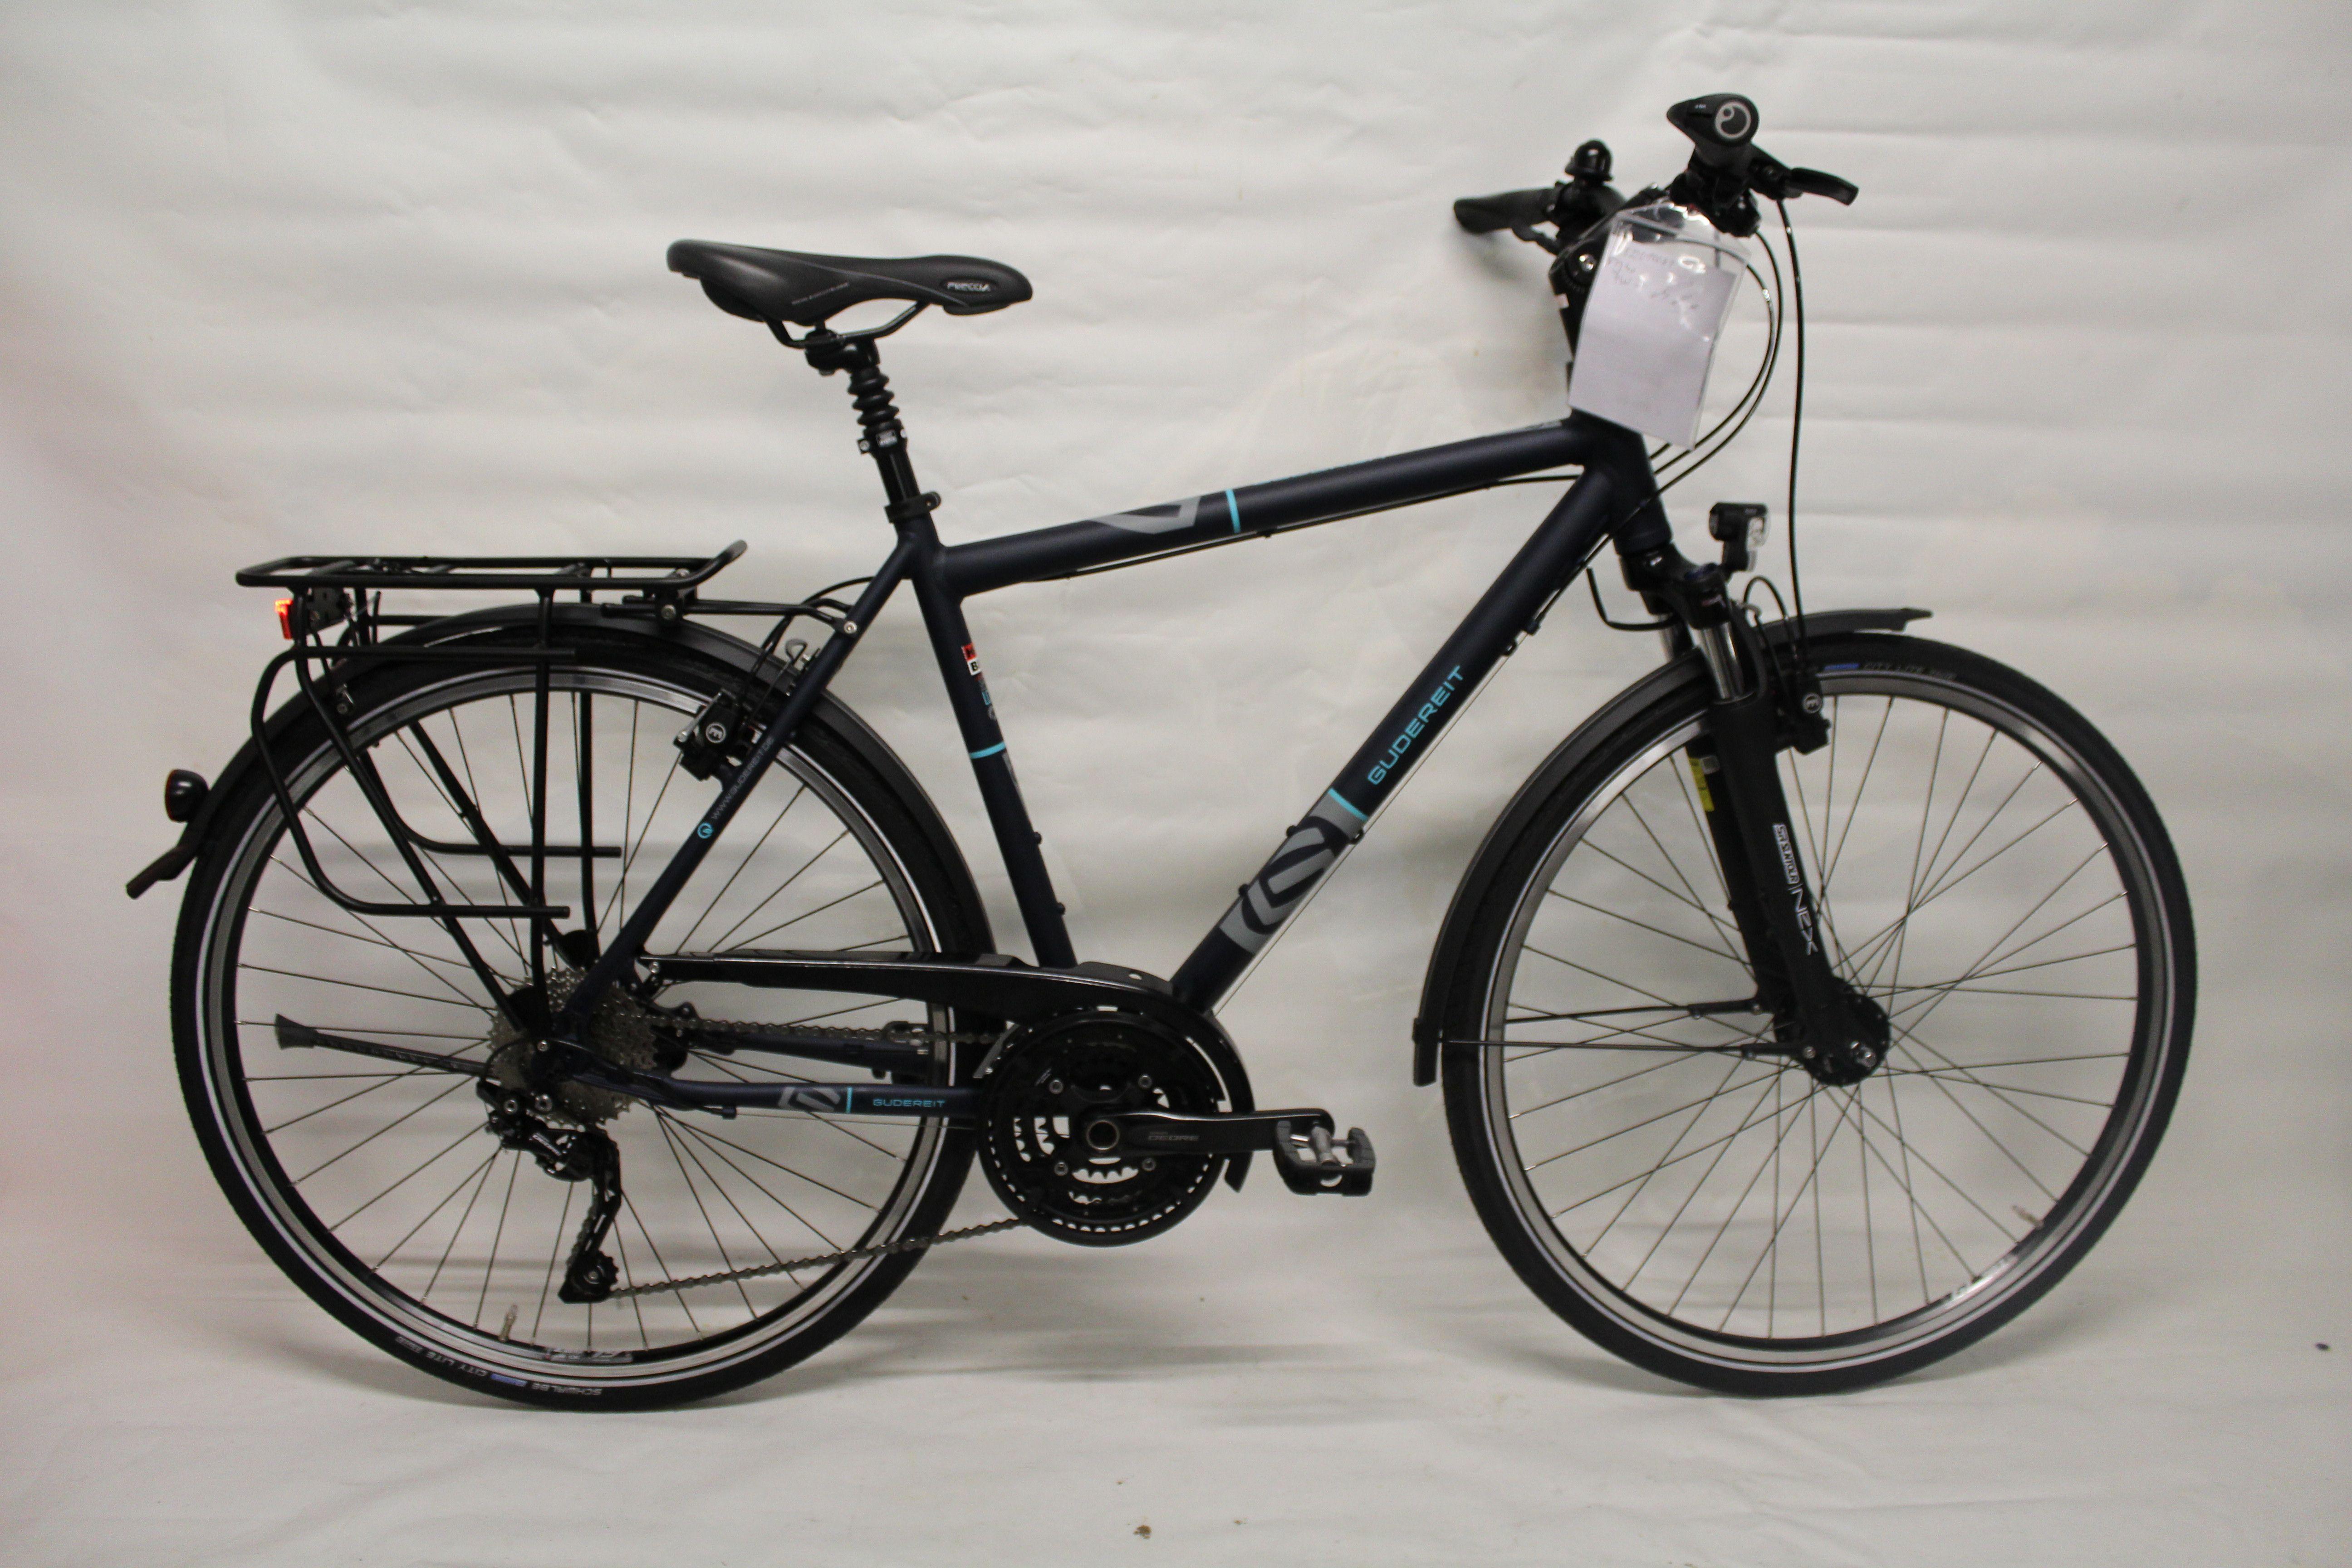 fahrrad e bike jetzt g nstig kaufen gudereit lc 60. Black Bedroom Furniture Sets. Home Design Ideas